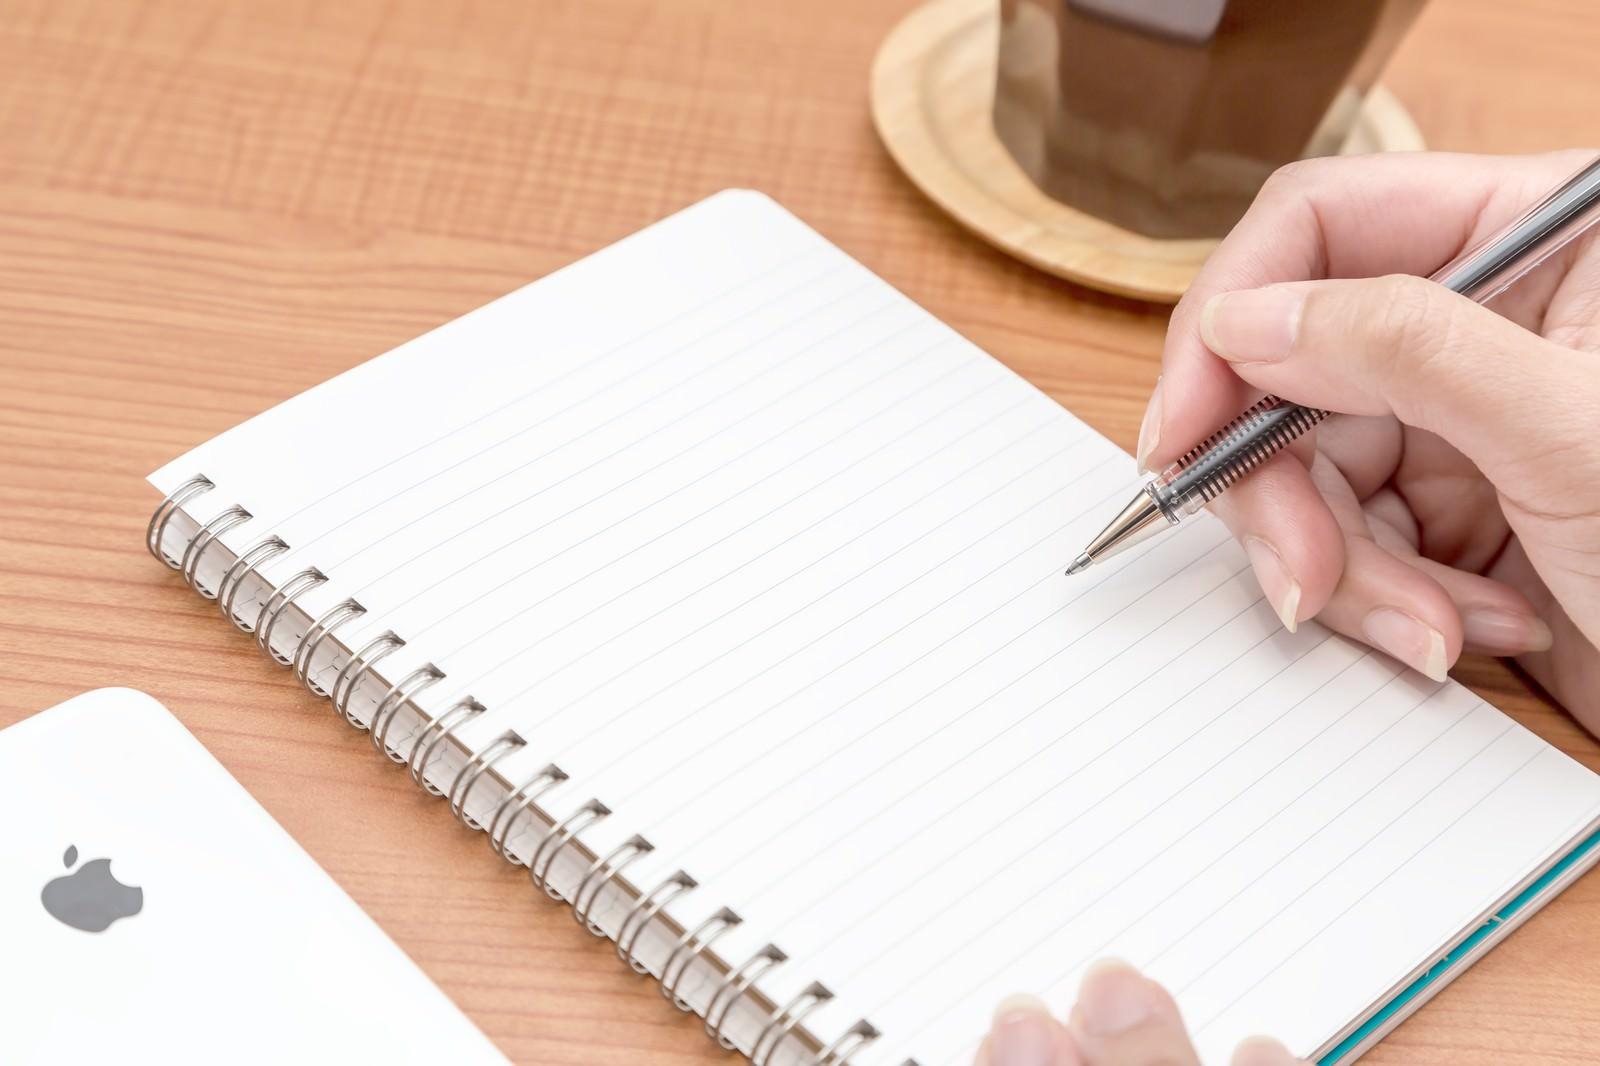 「ノートに書き込みするノートに書き込みする」のフリー写真素材を拡大